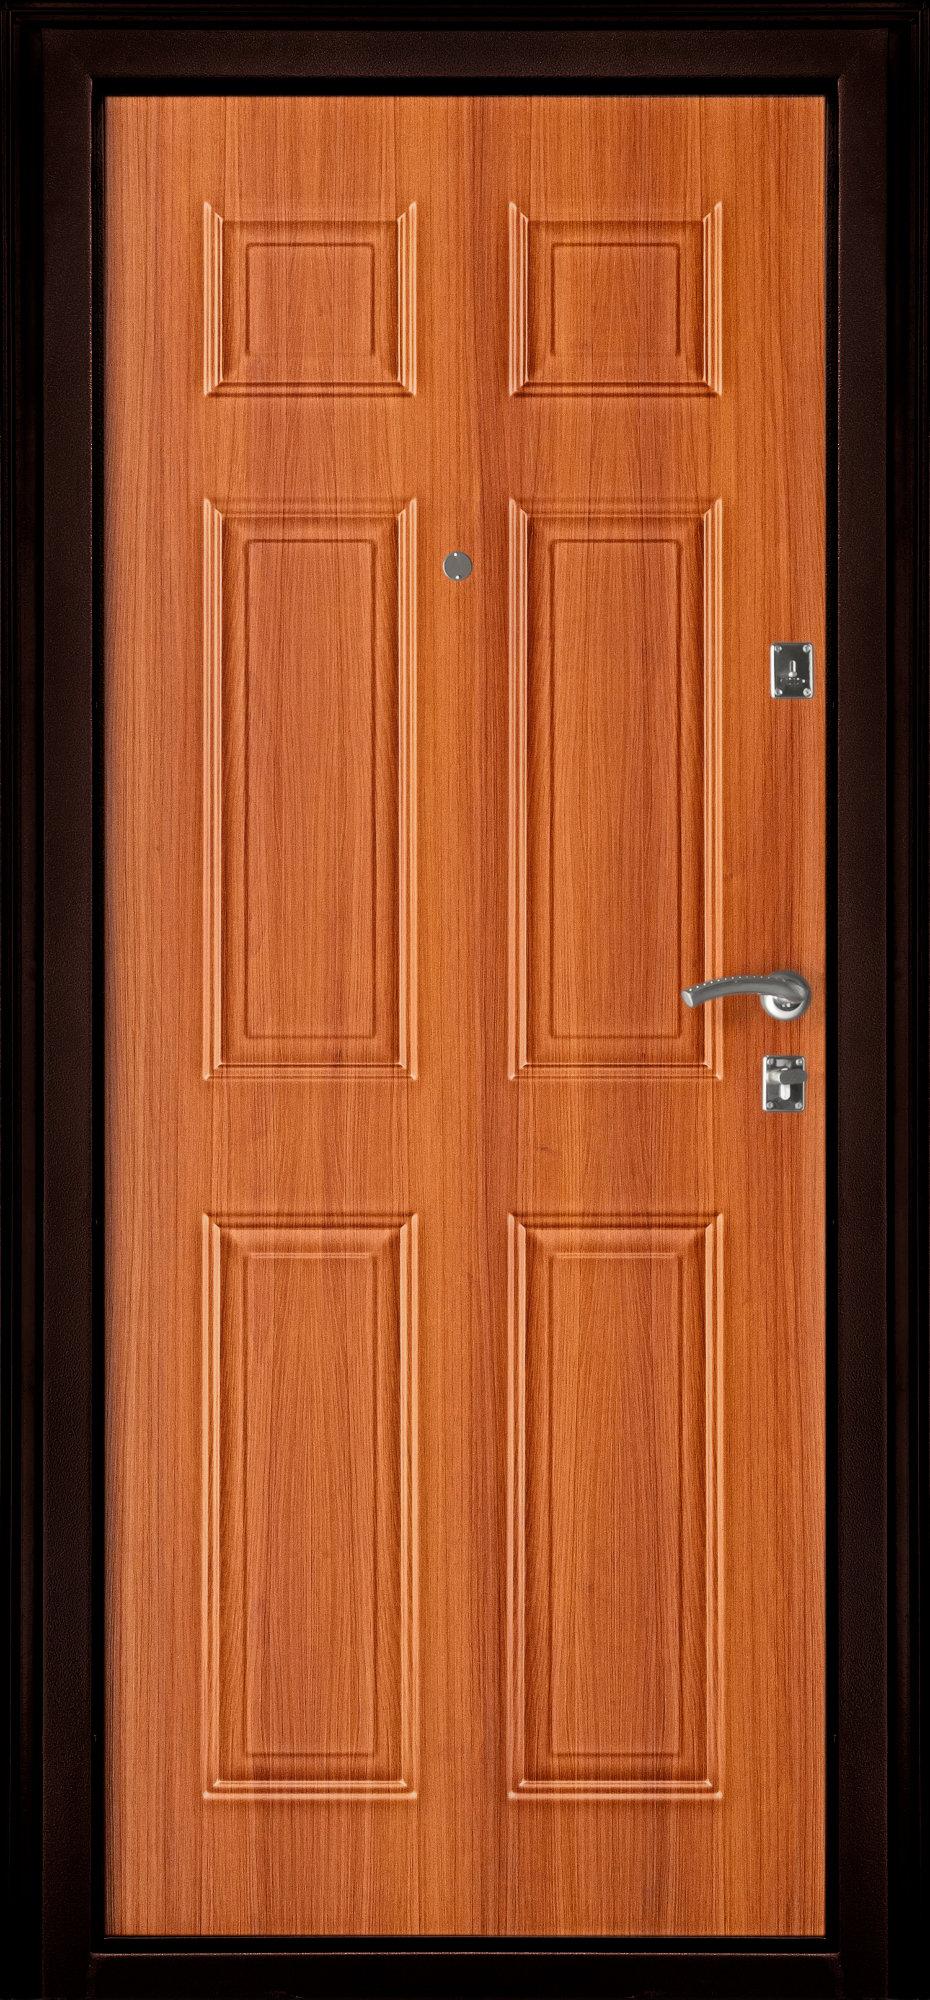 купить железную дверь оптима стандарт